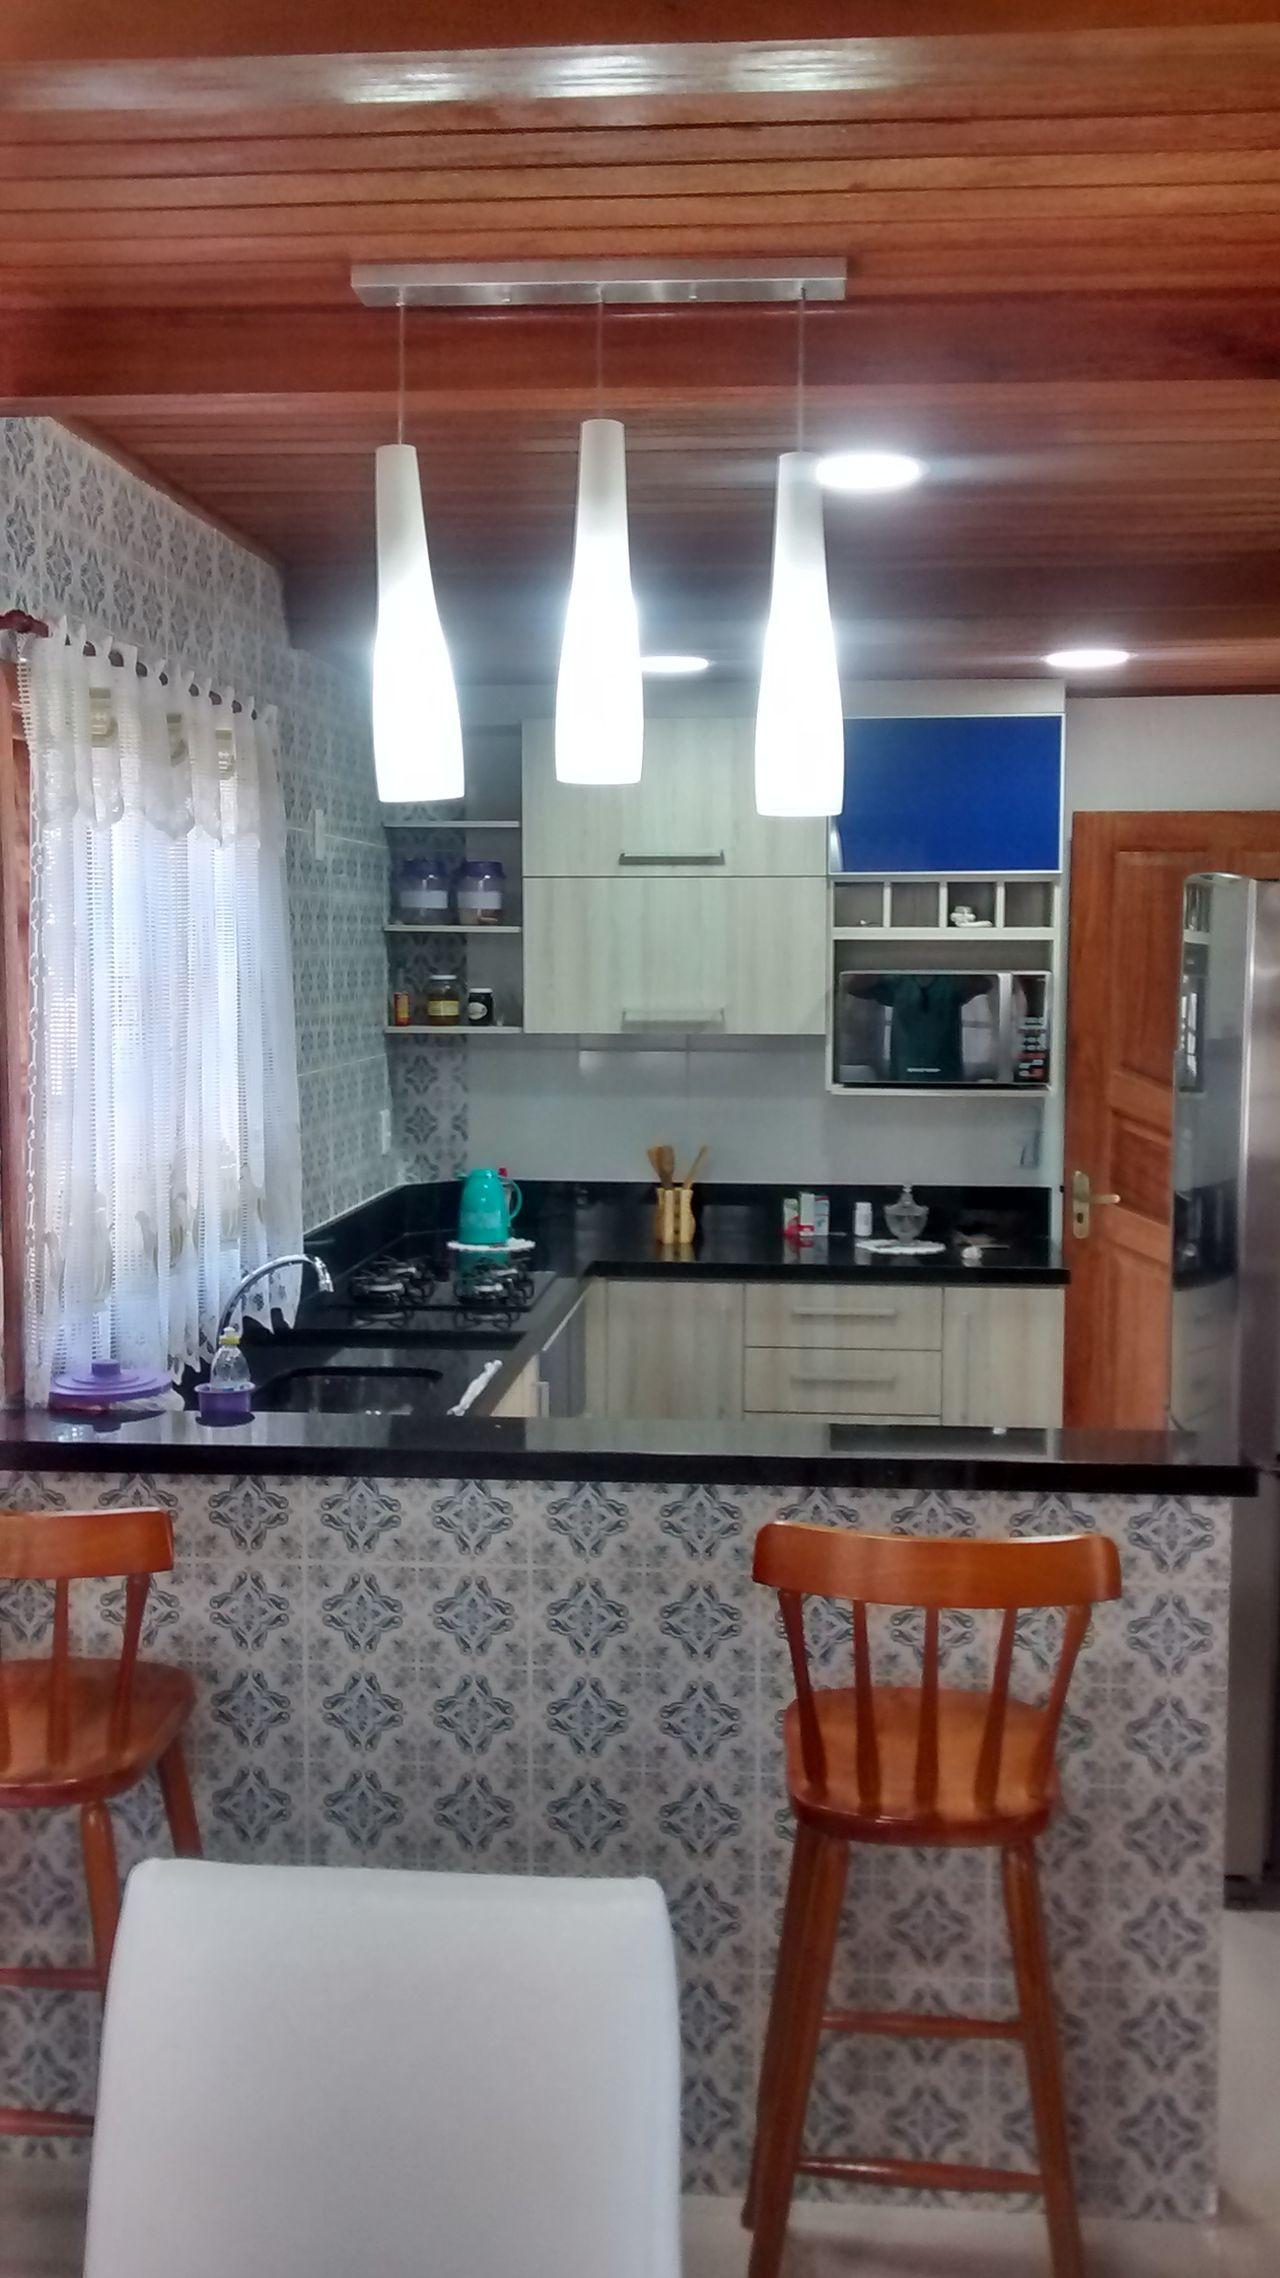 Cozinha Com Revestimento De Azulejo Decorativo De Reinaldo Gon Alves